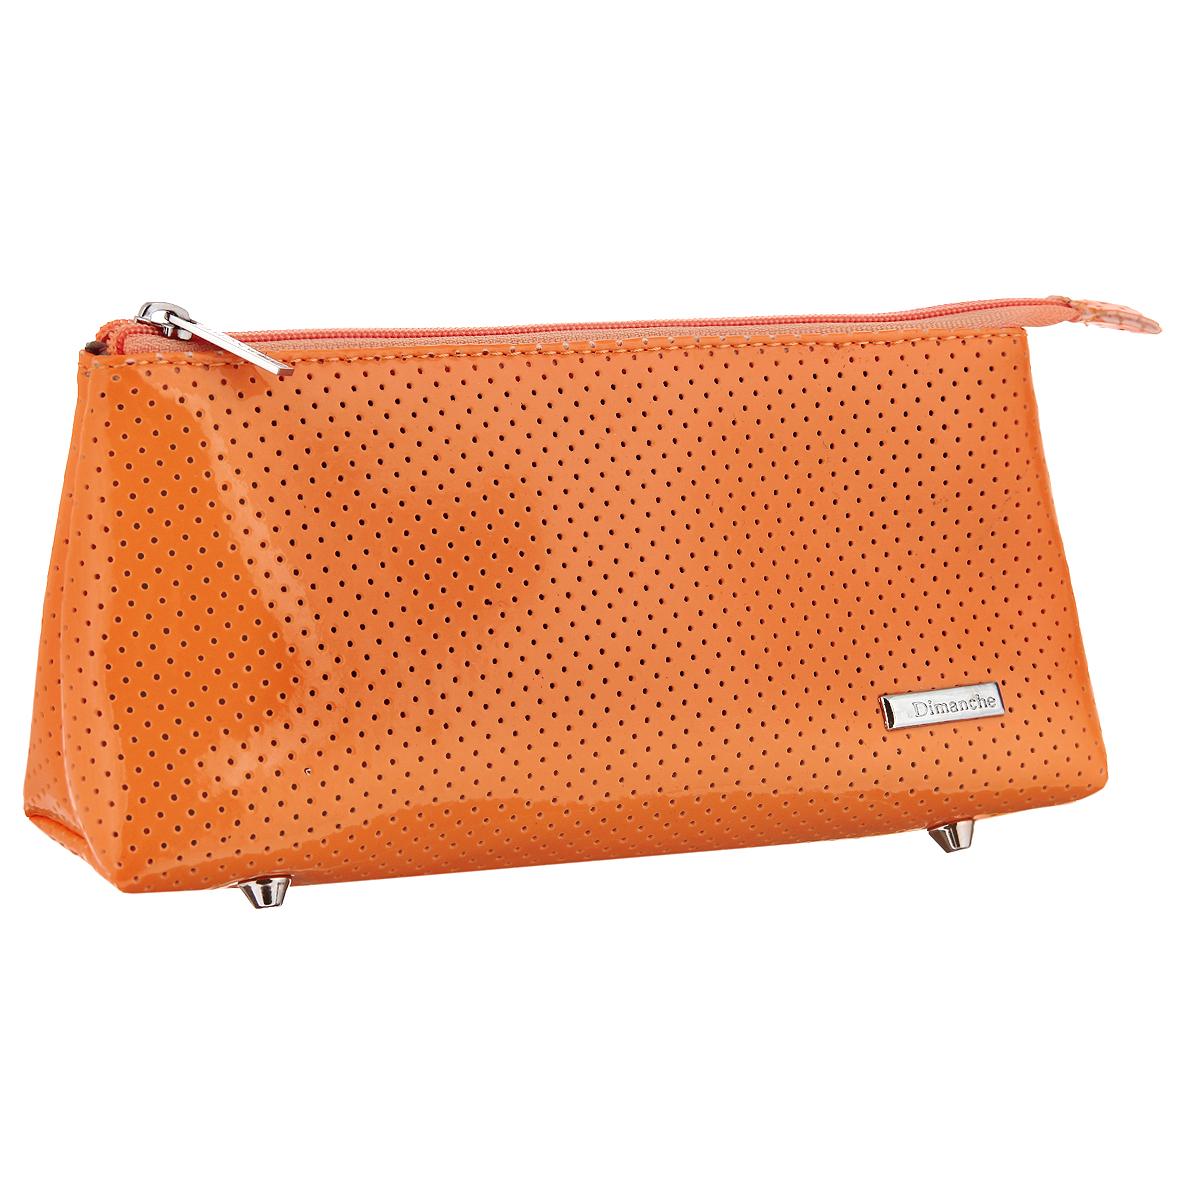 Косметичка Dimanche, цвет: оранжевый. 276